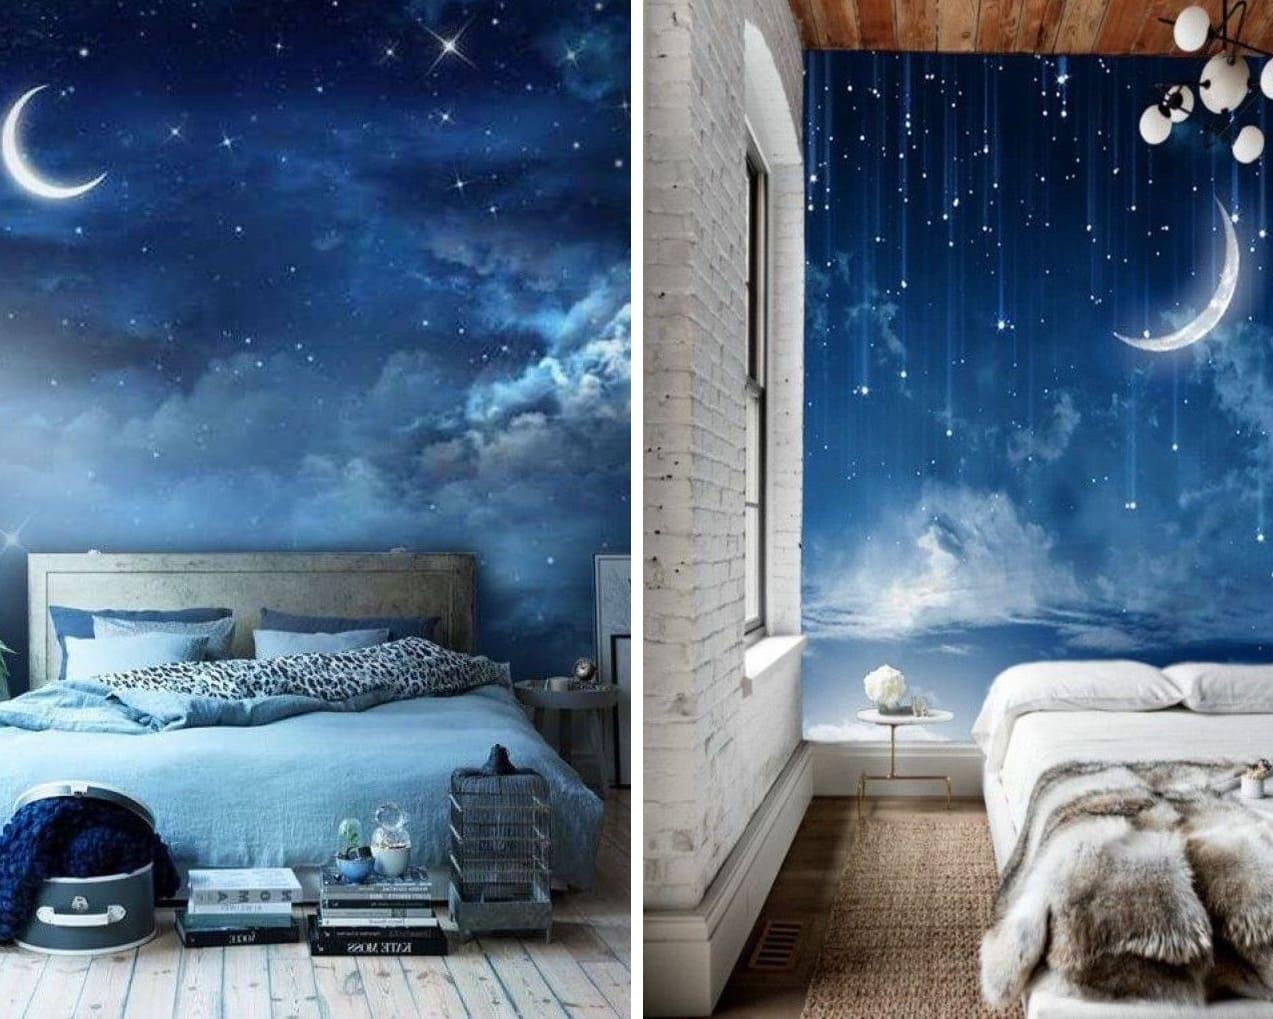 Фотообои в спальне помогут создать атмосферу умиротворения и расслабленности